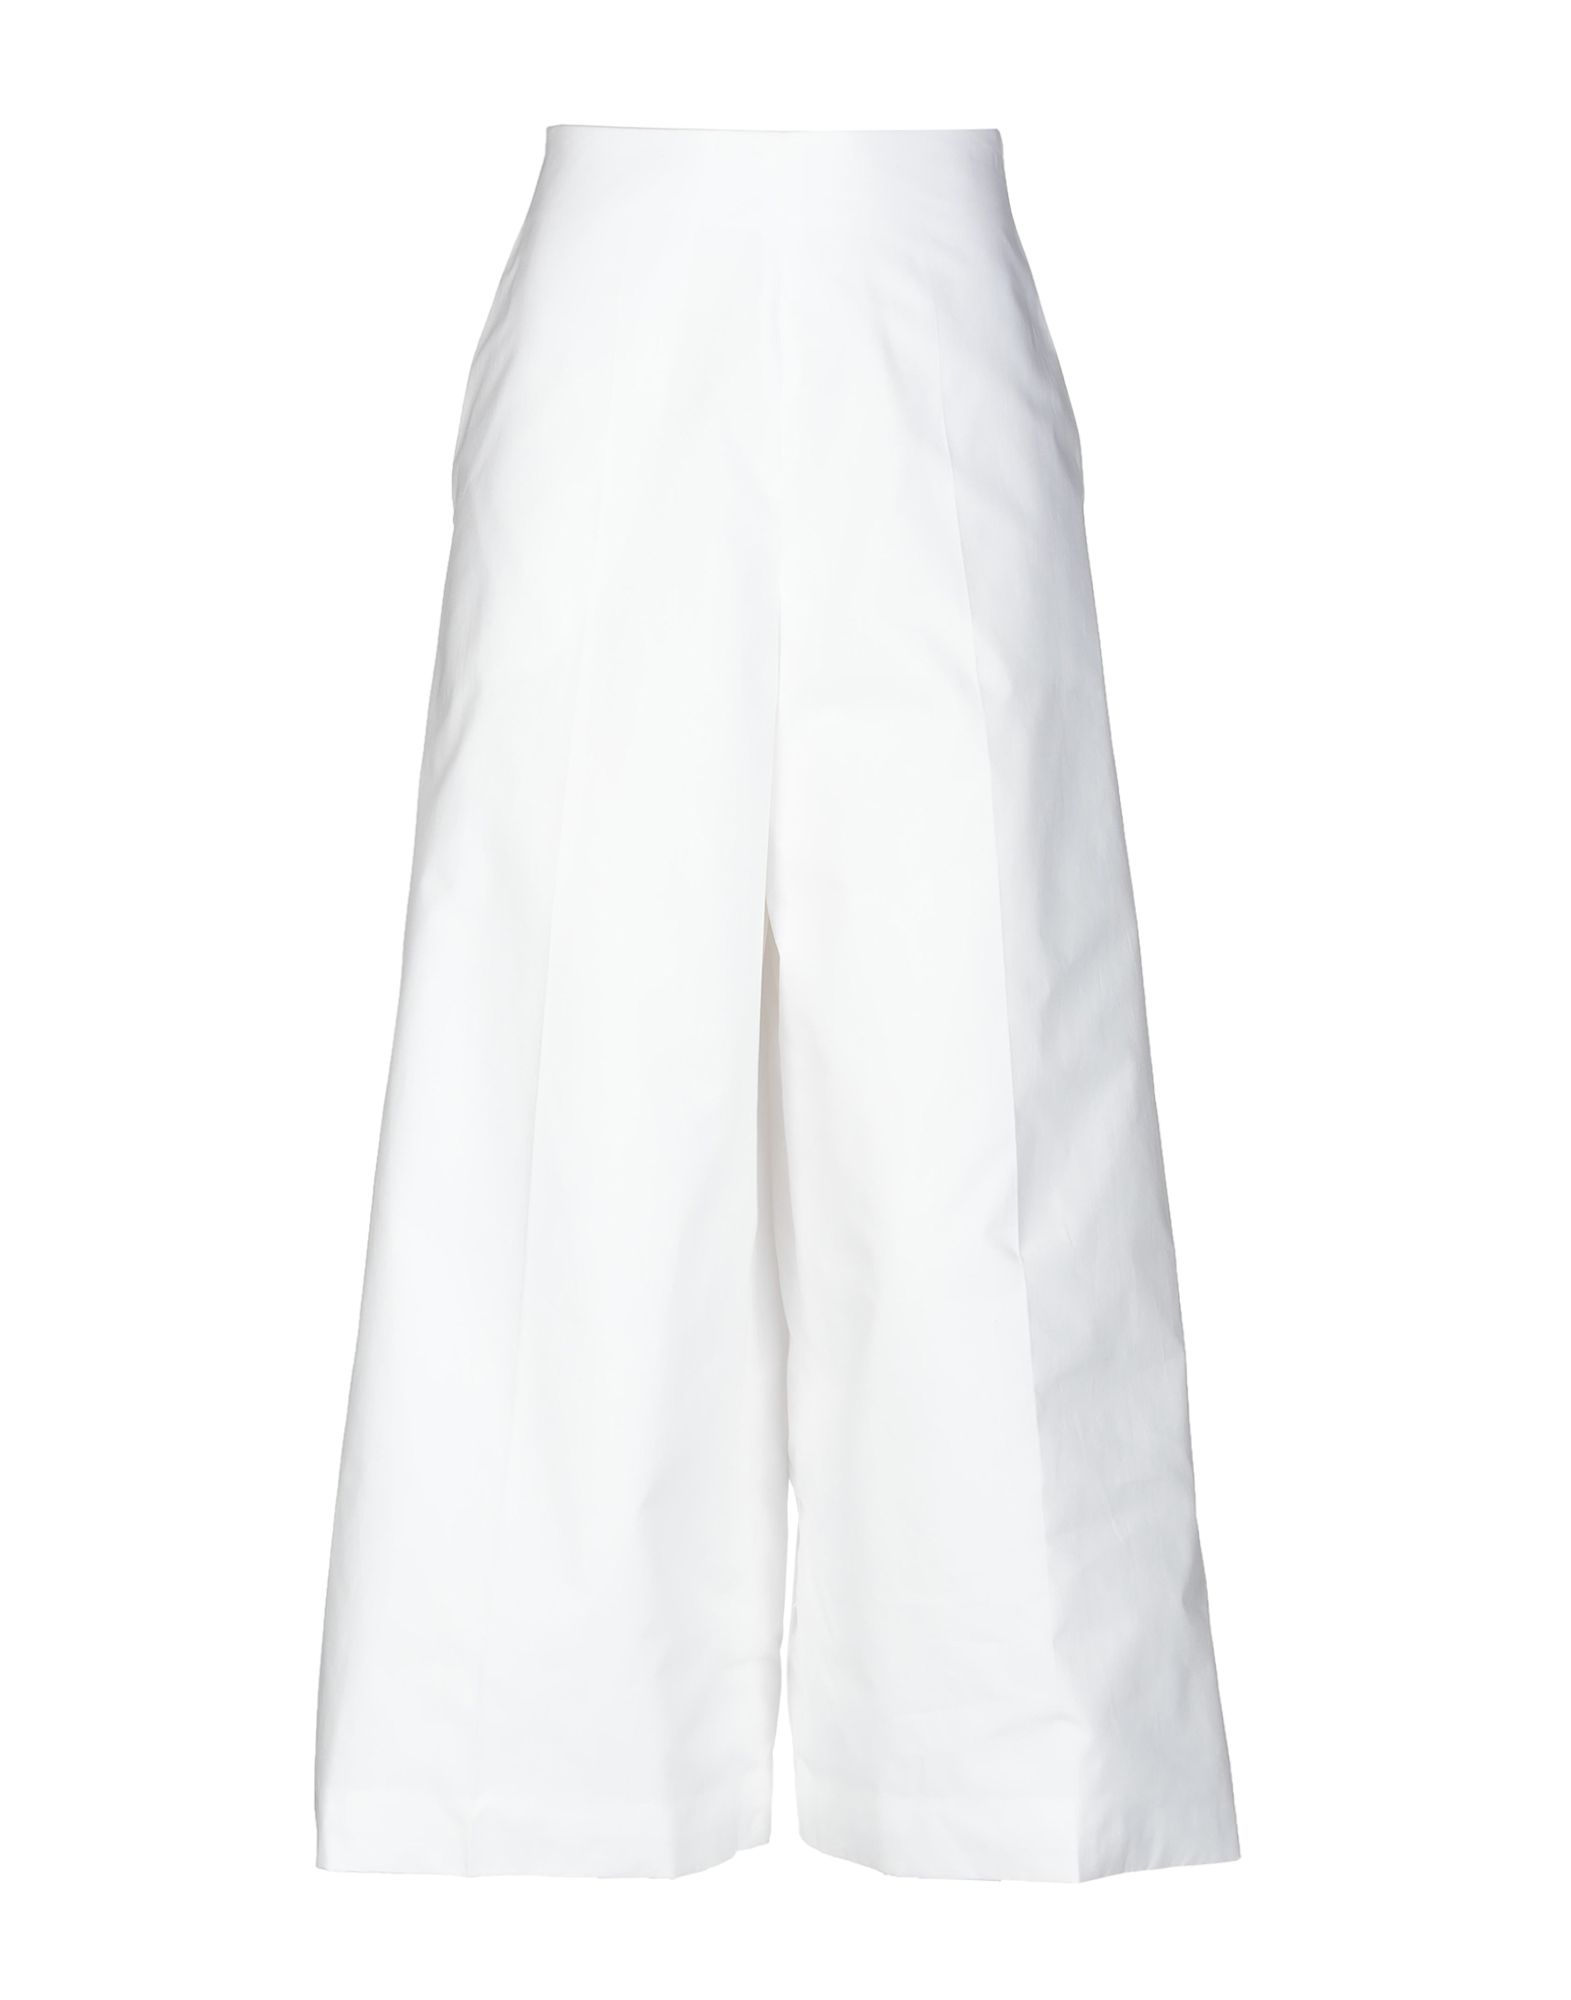 《送料無料》DELPOZO レディース パンツ ホワイト 38 コットン 100%